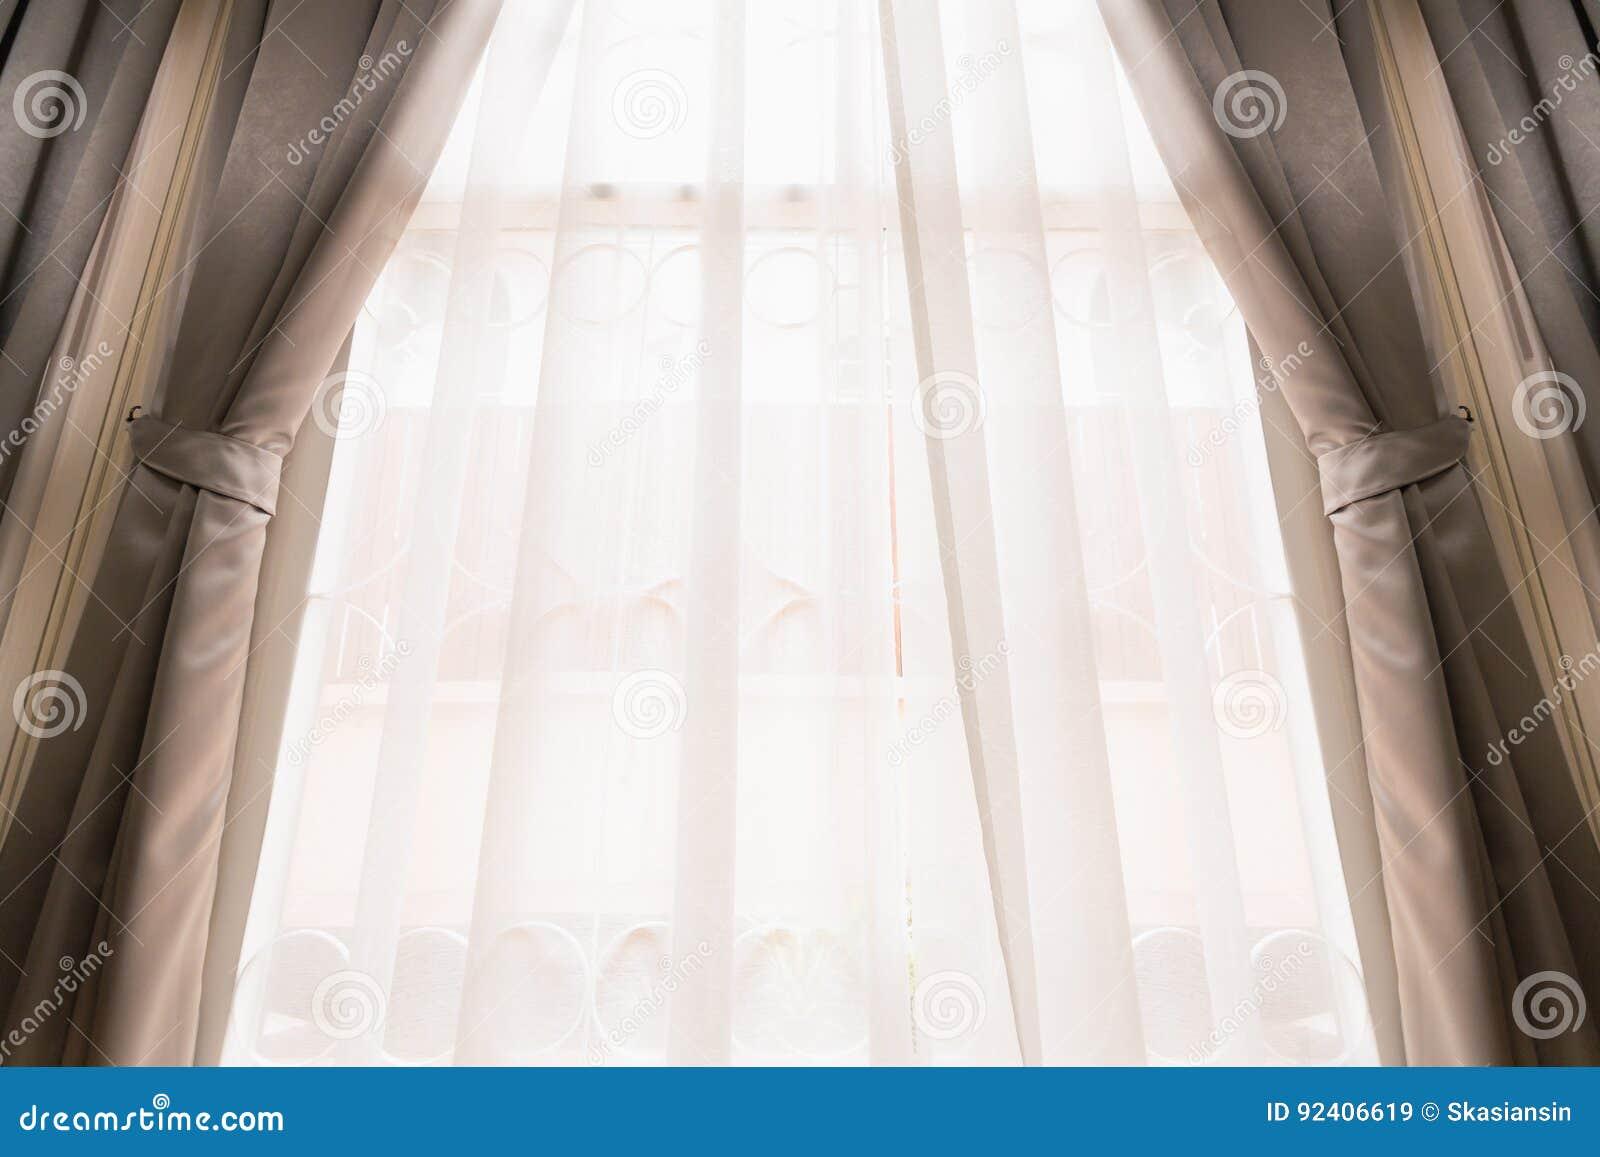 Vorhang Auf Fenster